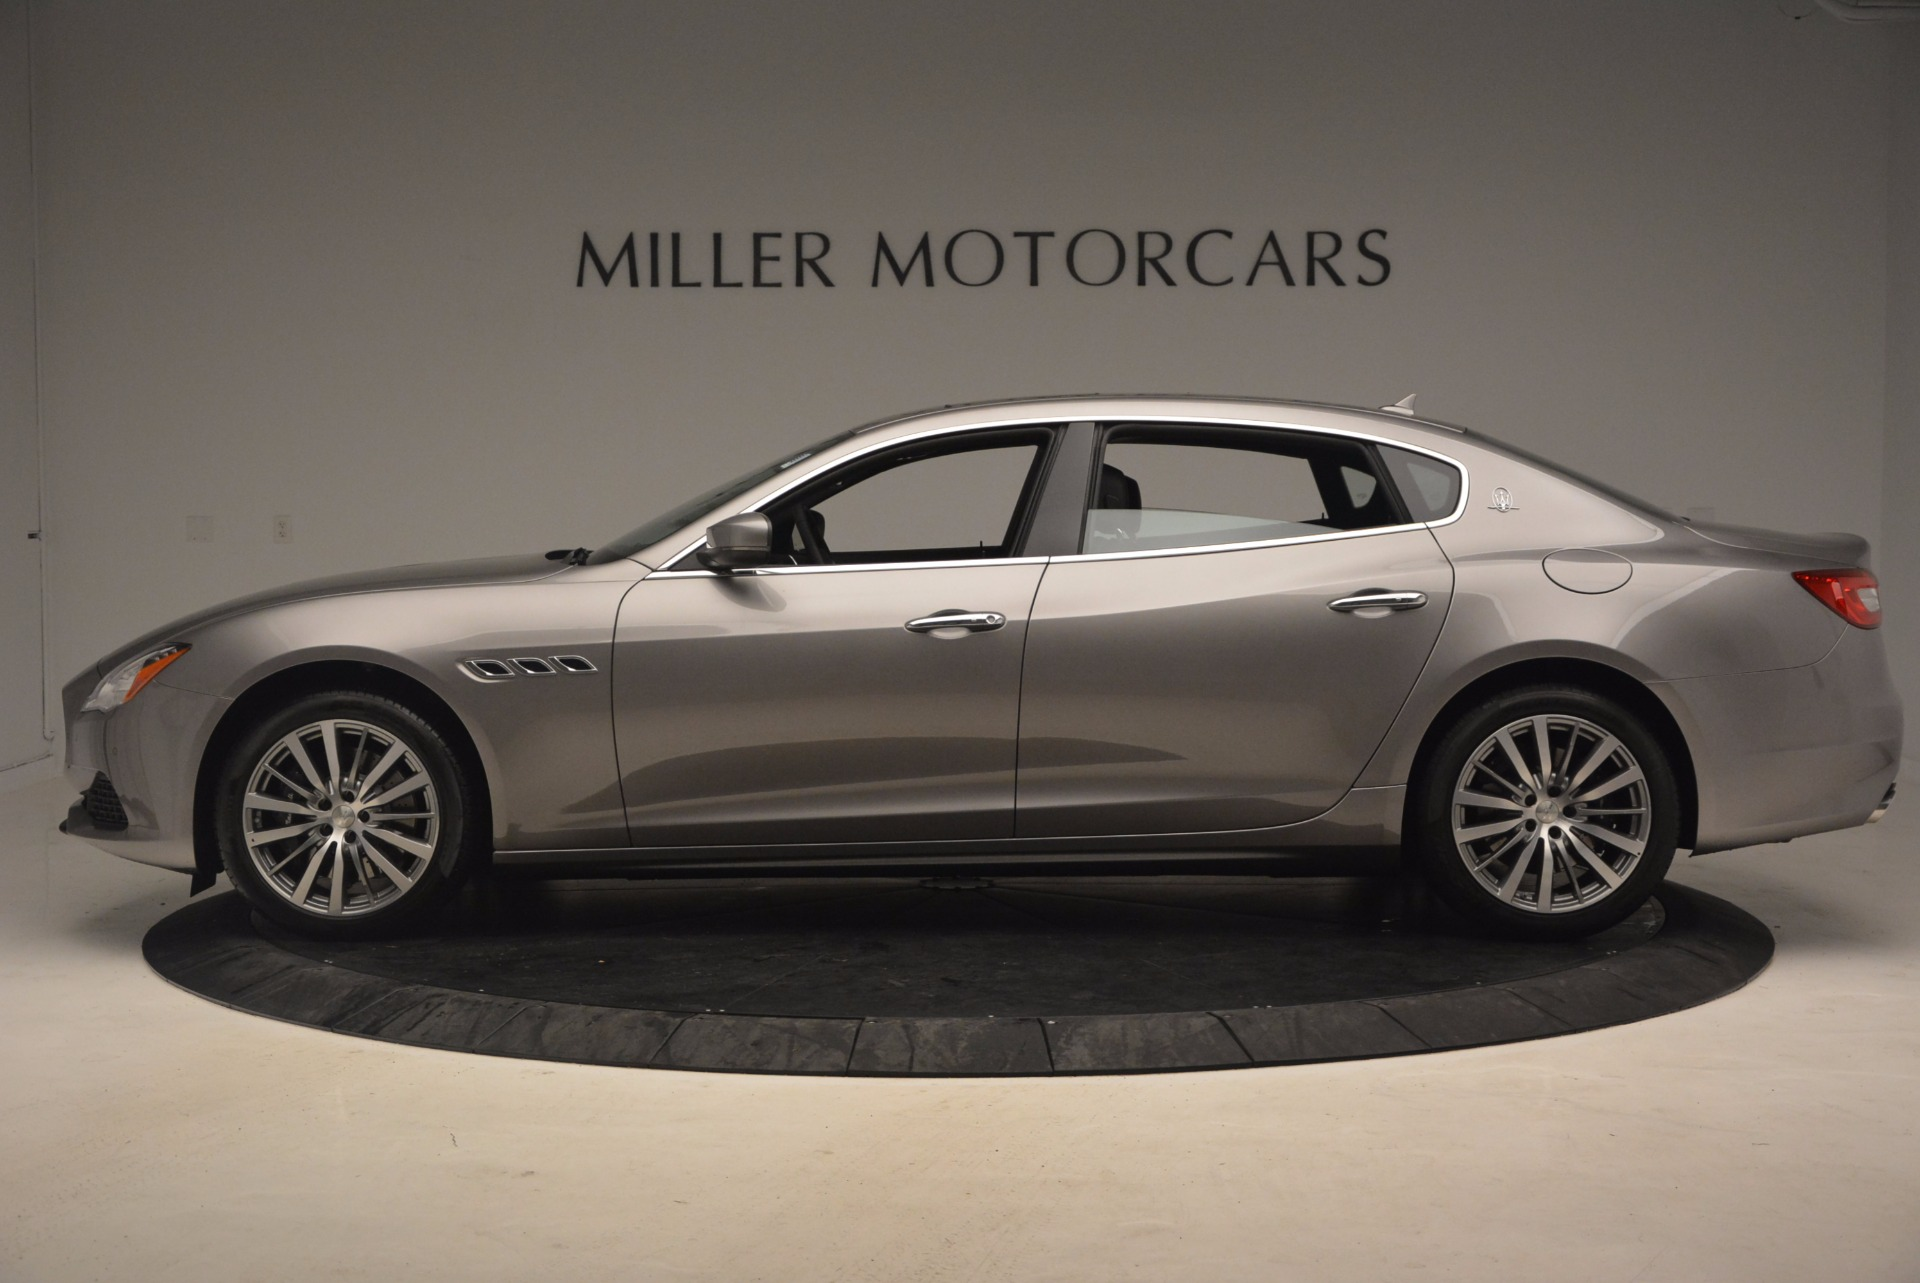 New 2017 Maserati Quattroporte SQ4 For Sale In Greenwich, CT 1066_p3